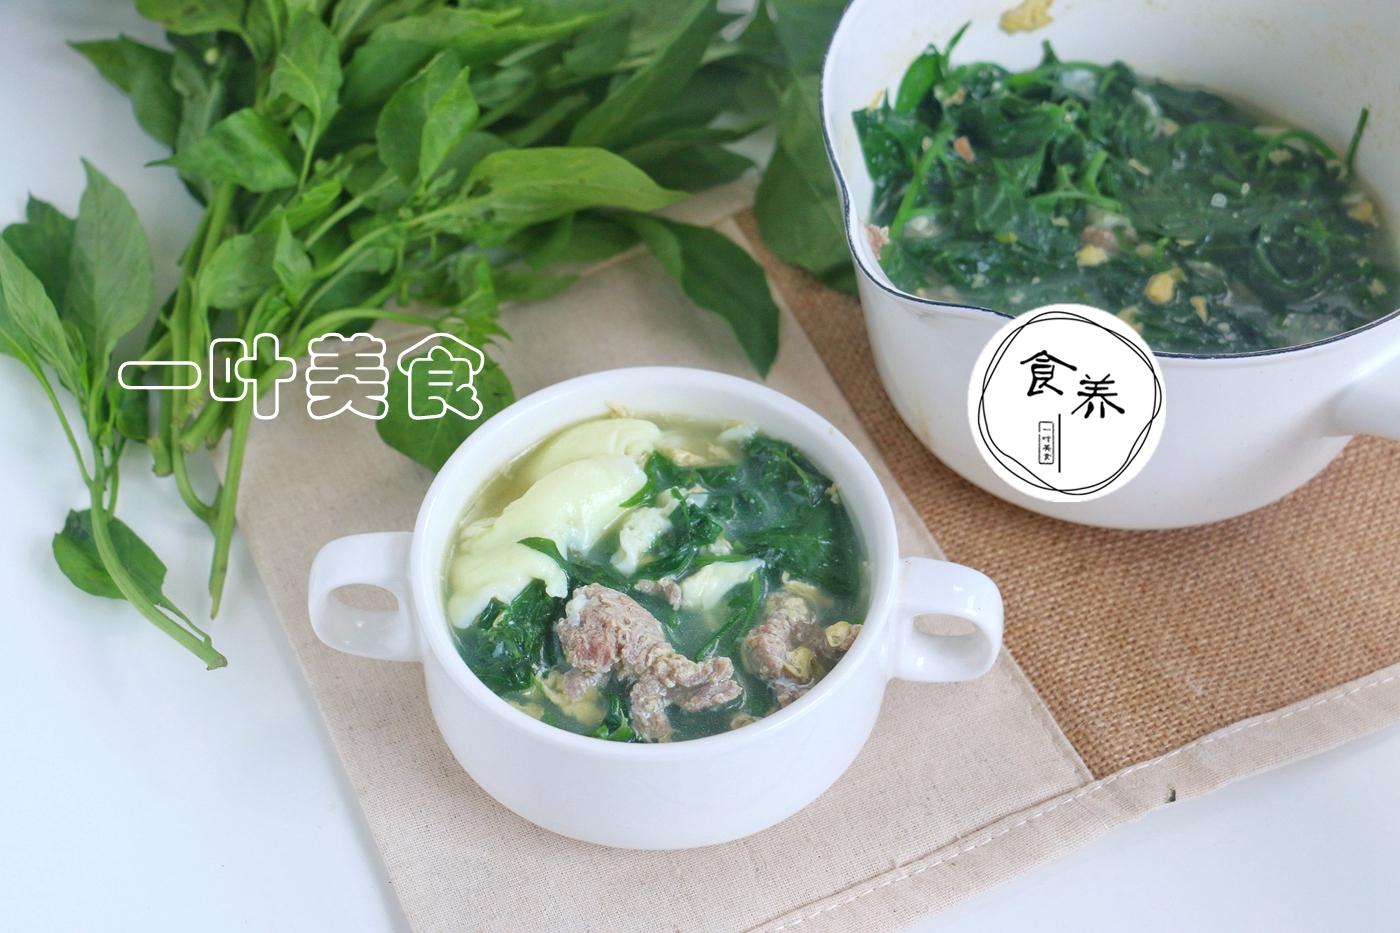 这菜含钙比牛奶还高,韩国最流行的补钙法,3分钟煮成一碗夏季汤